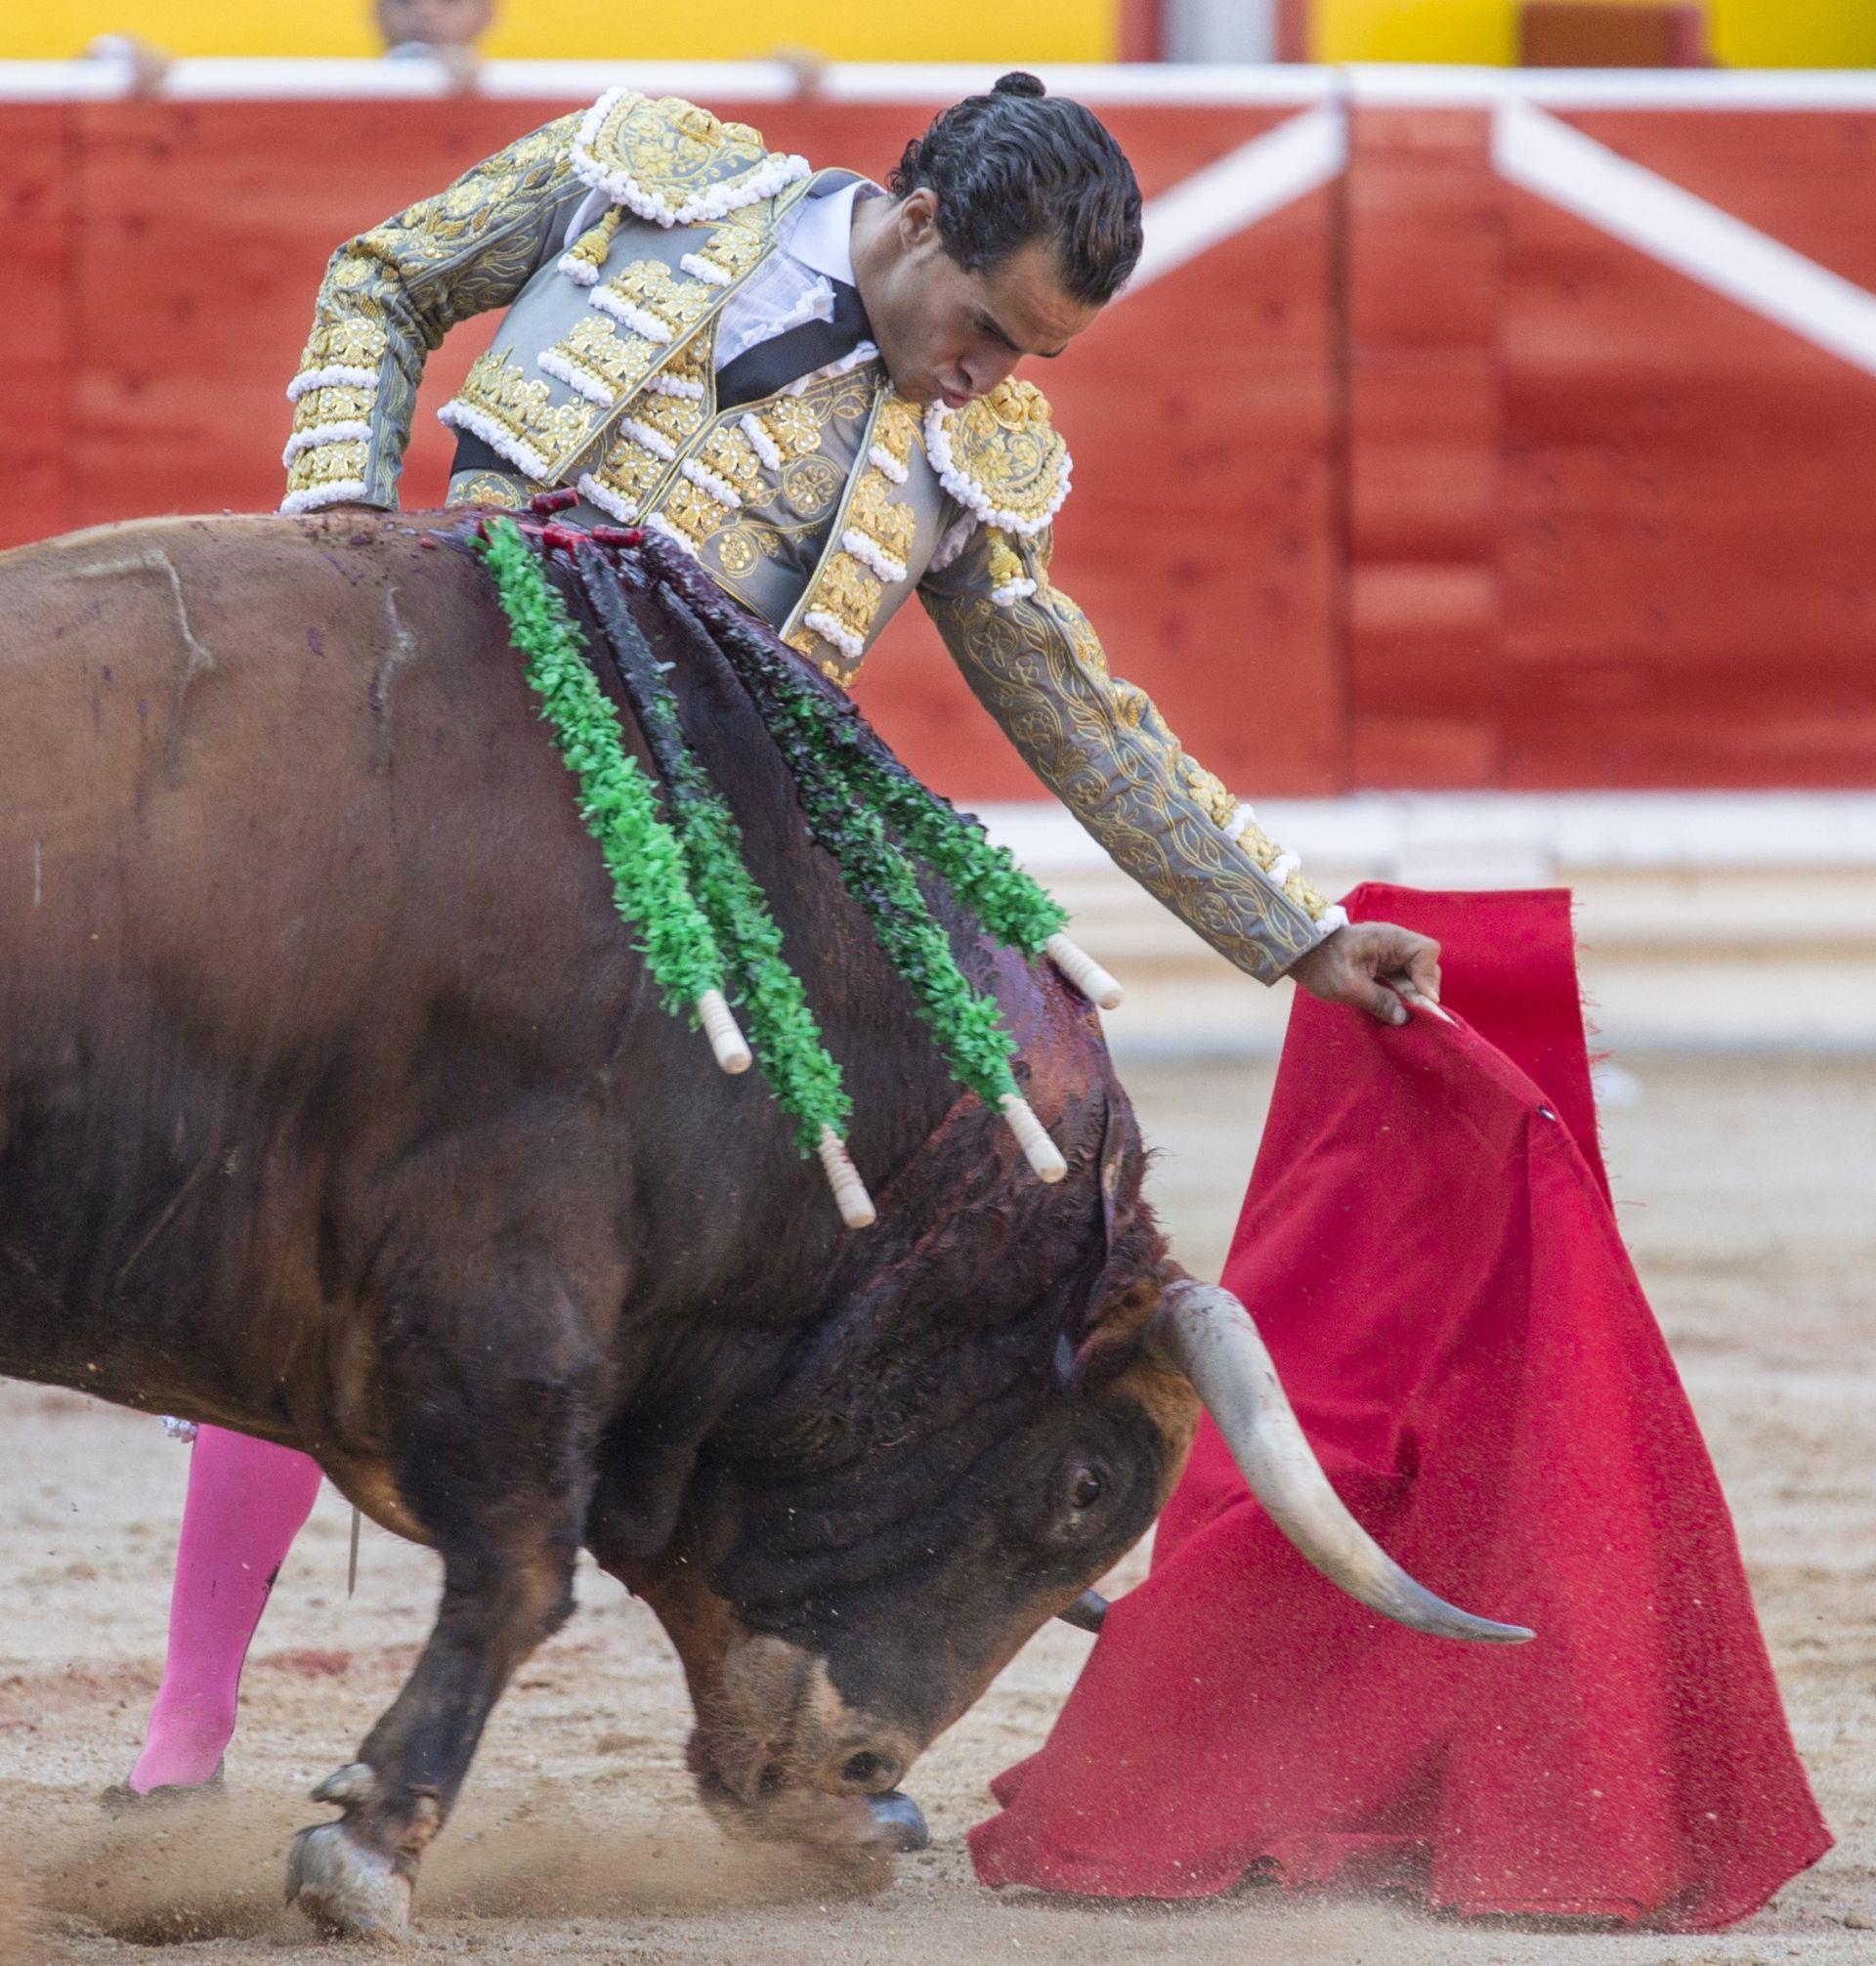 Bik ubio španjolskog matadora, rogom mu probio pluća